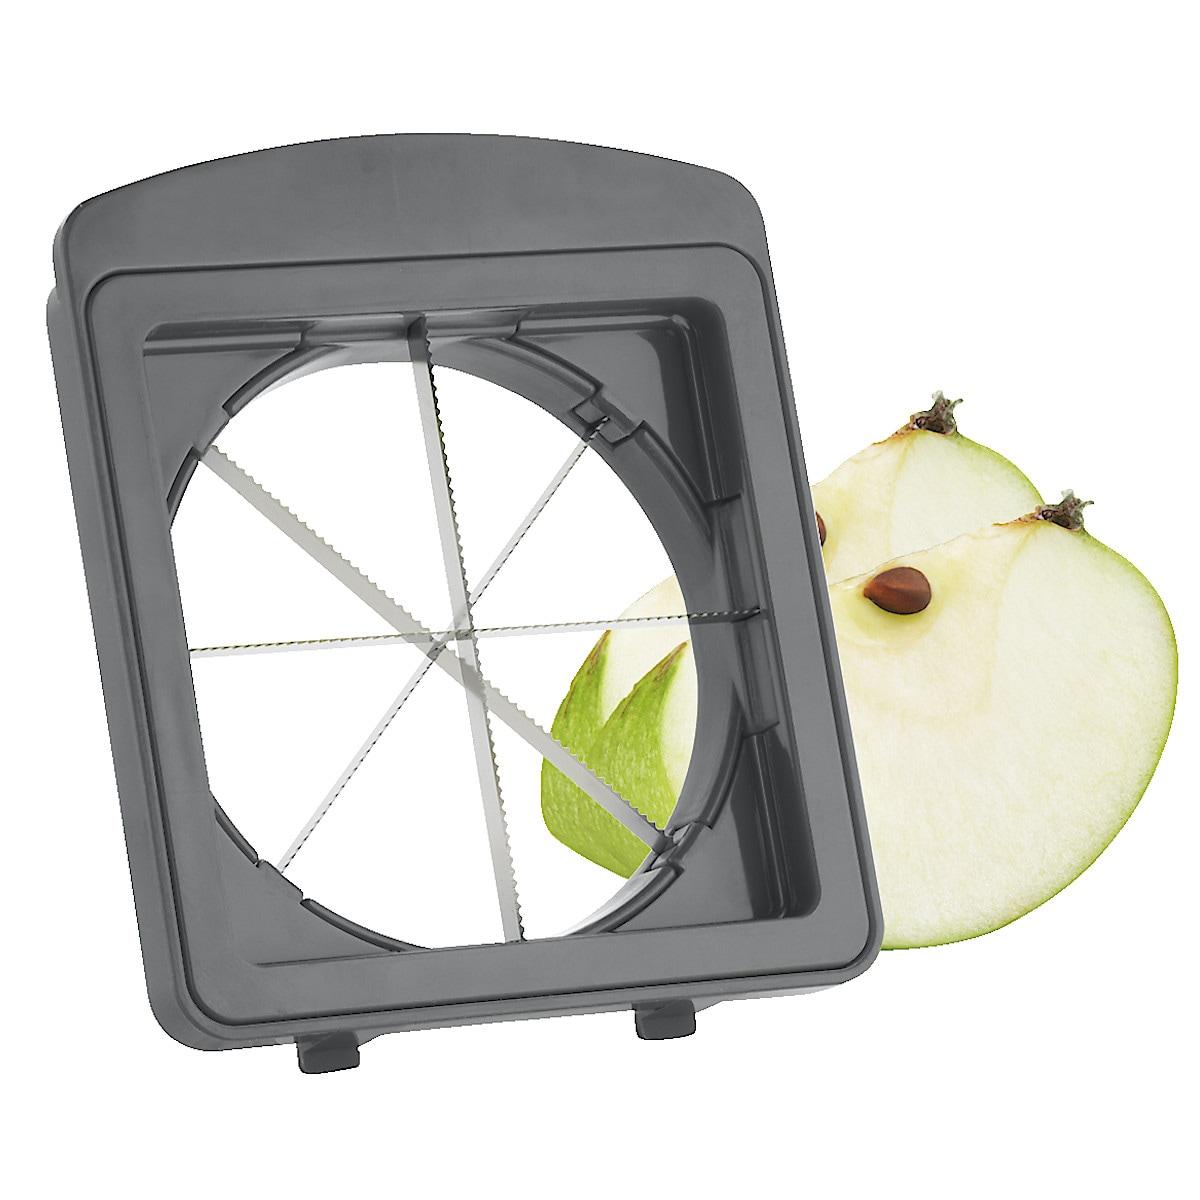 Salatschleuder/Multihacker Coline